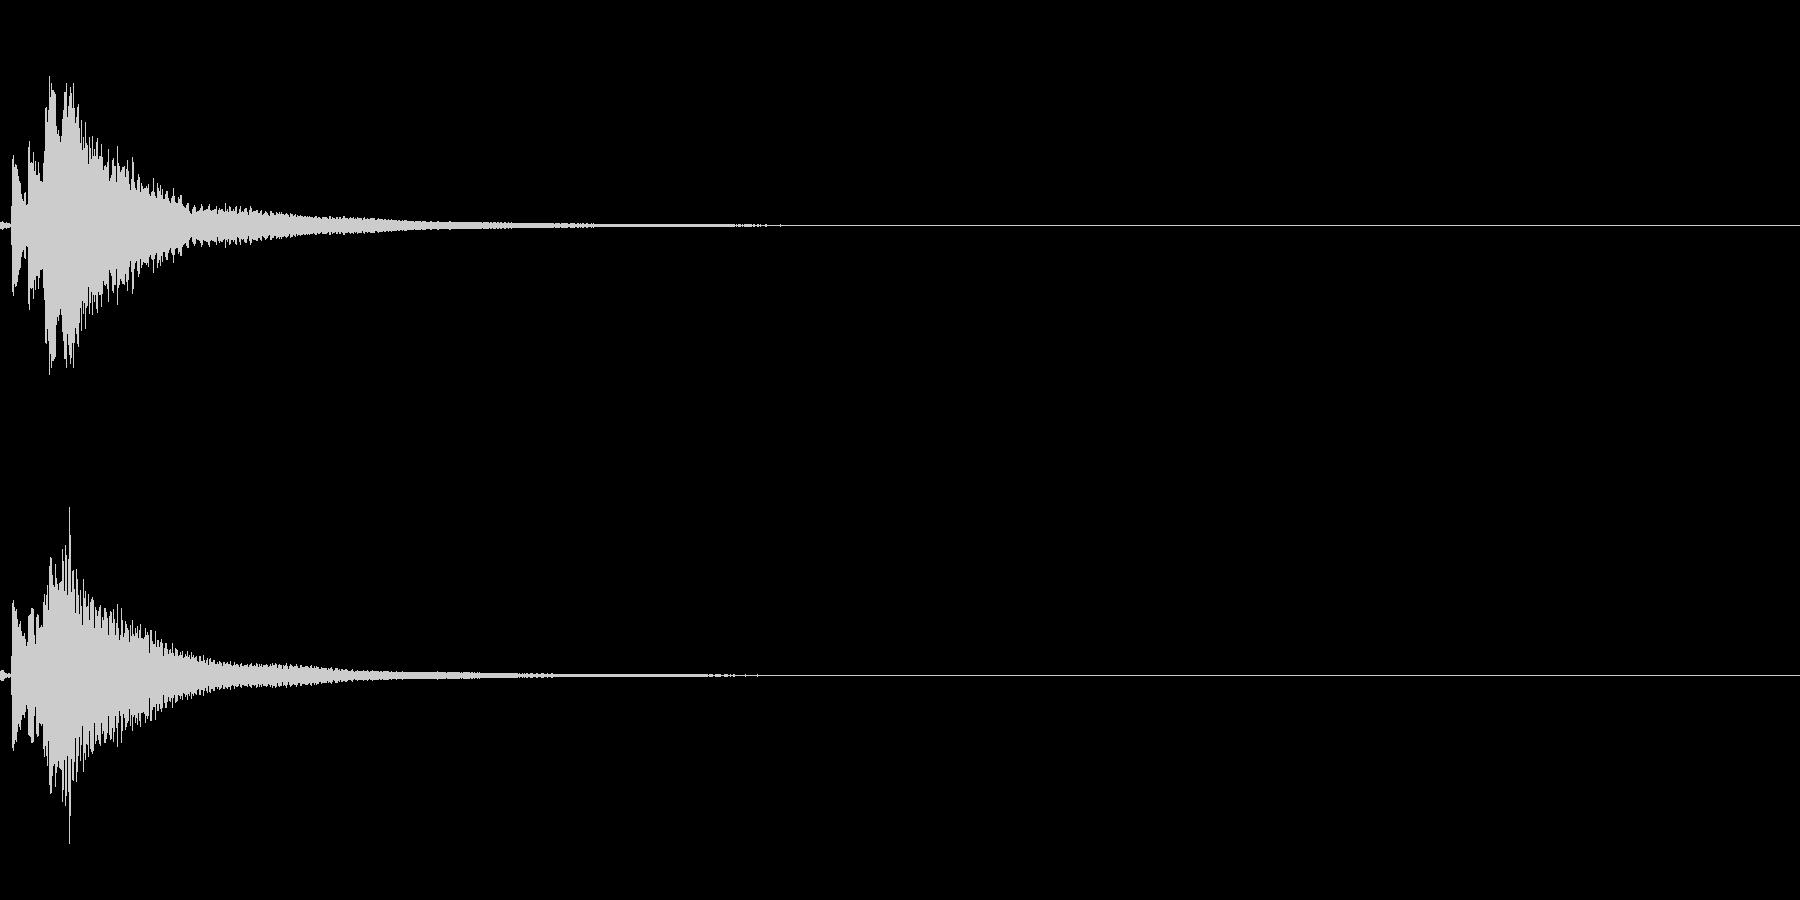 琴のワンショットフレーズ(場面転換等に)の未再生の波形